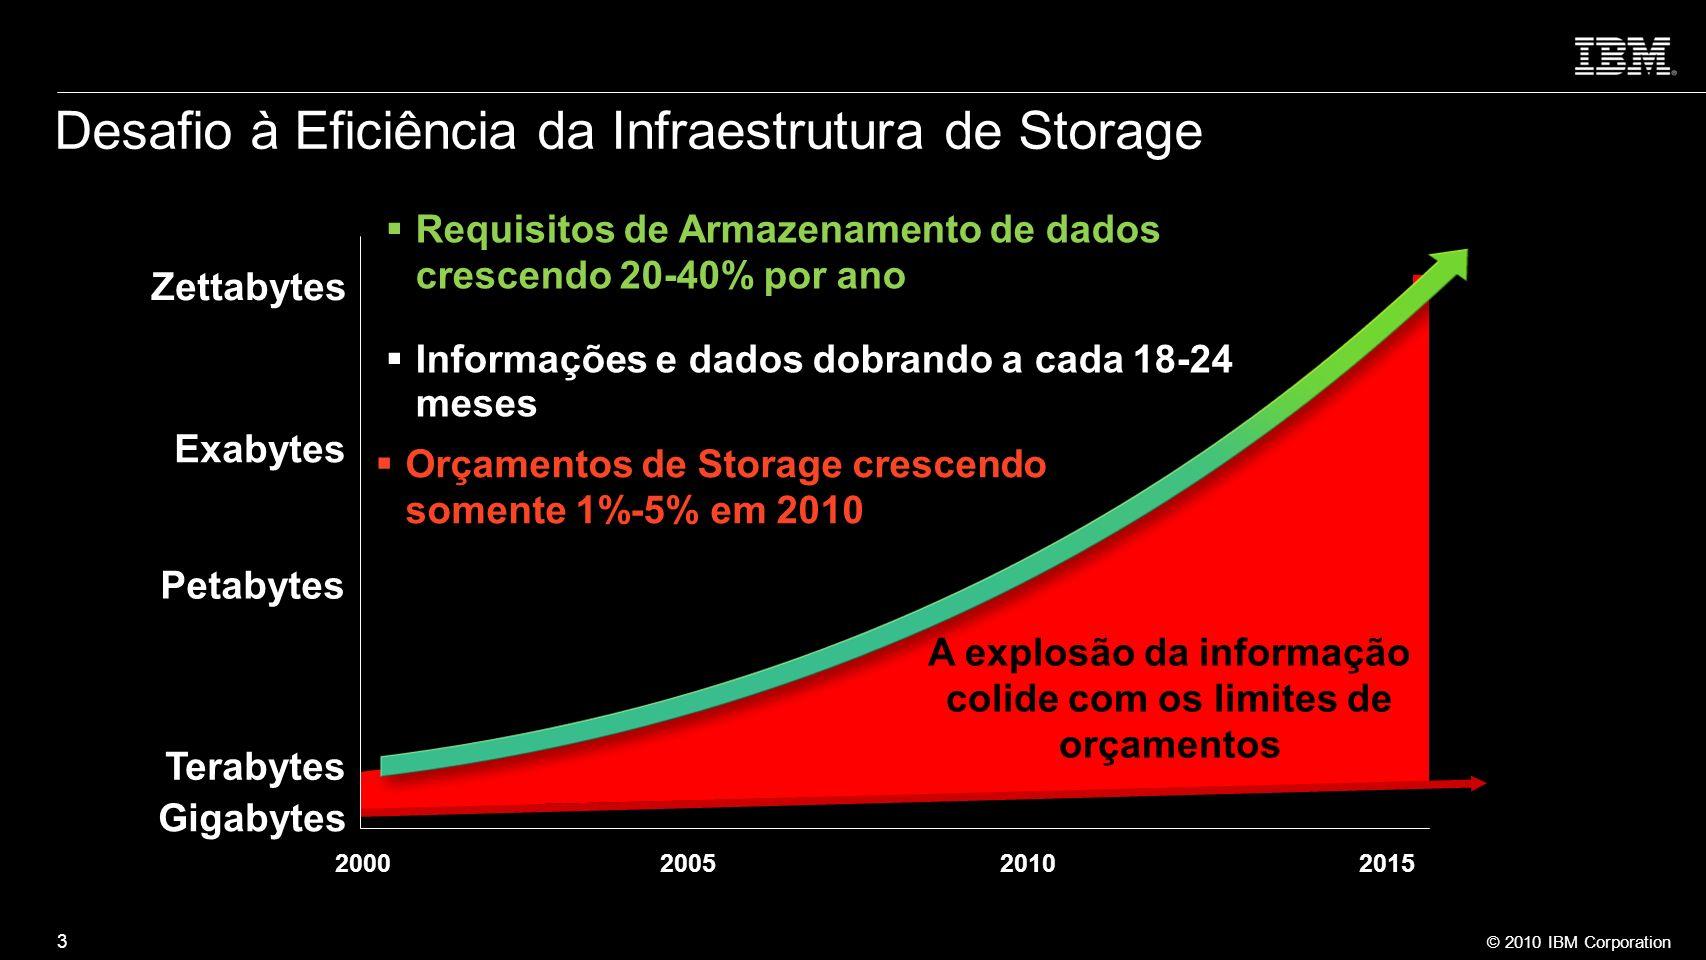 Desafio à Eficiência da Infraestrutura de Storage